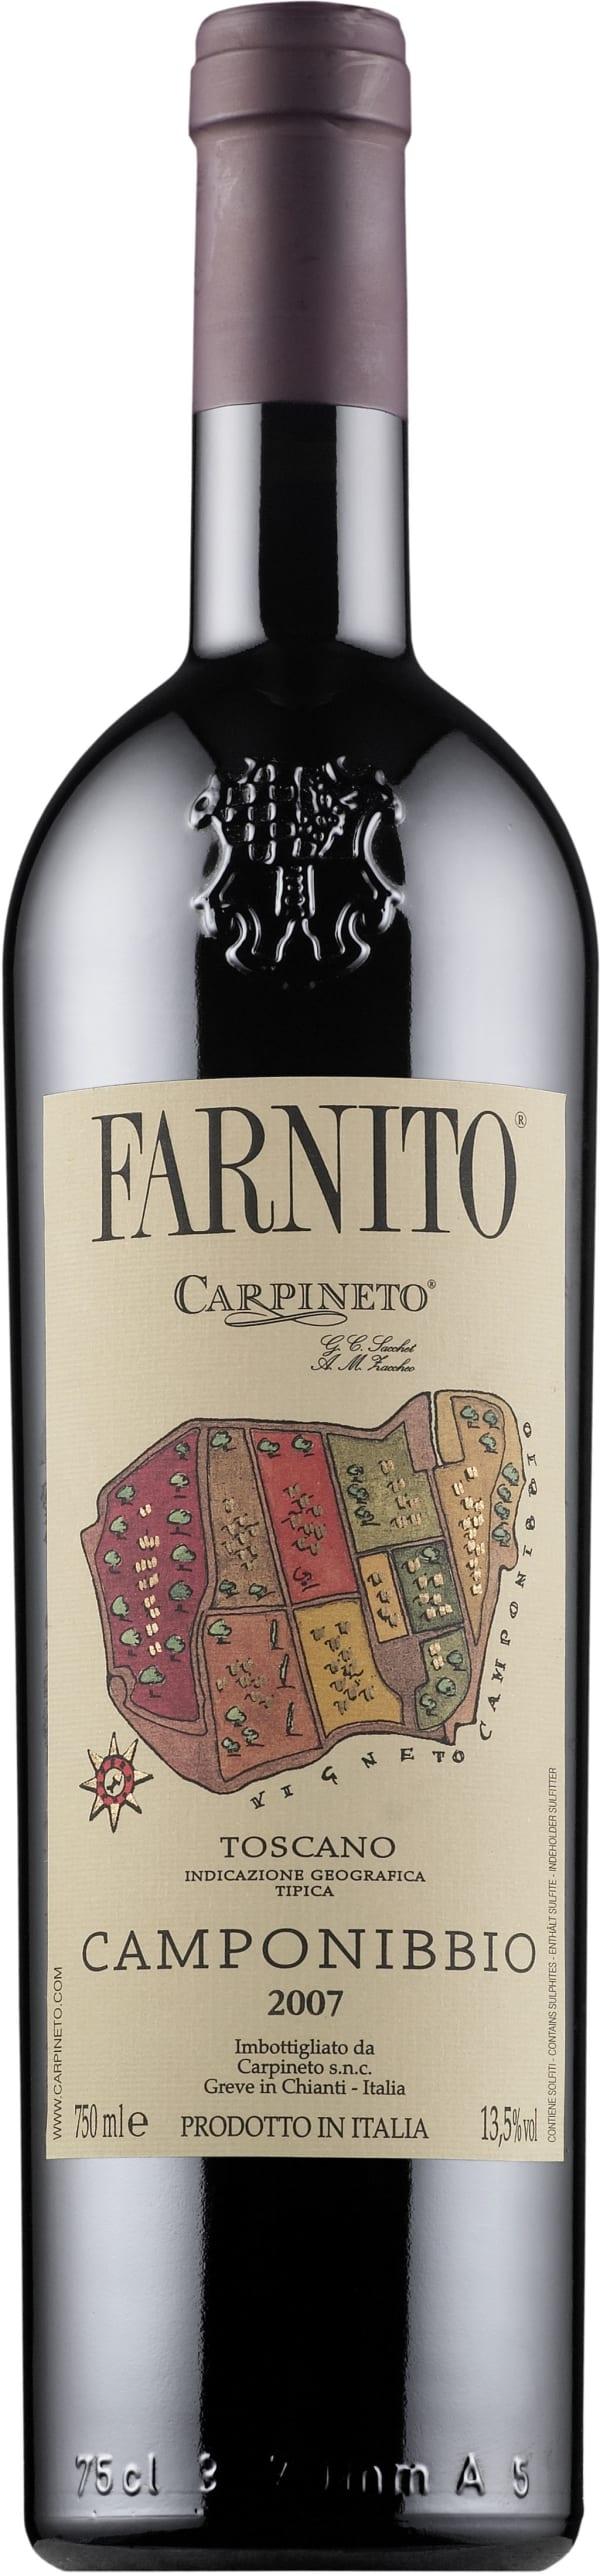 Farnito Camponibbio 2010